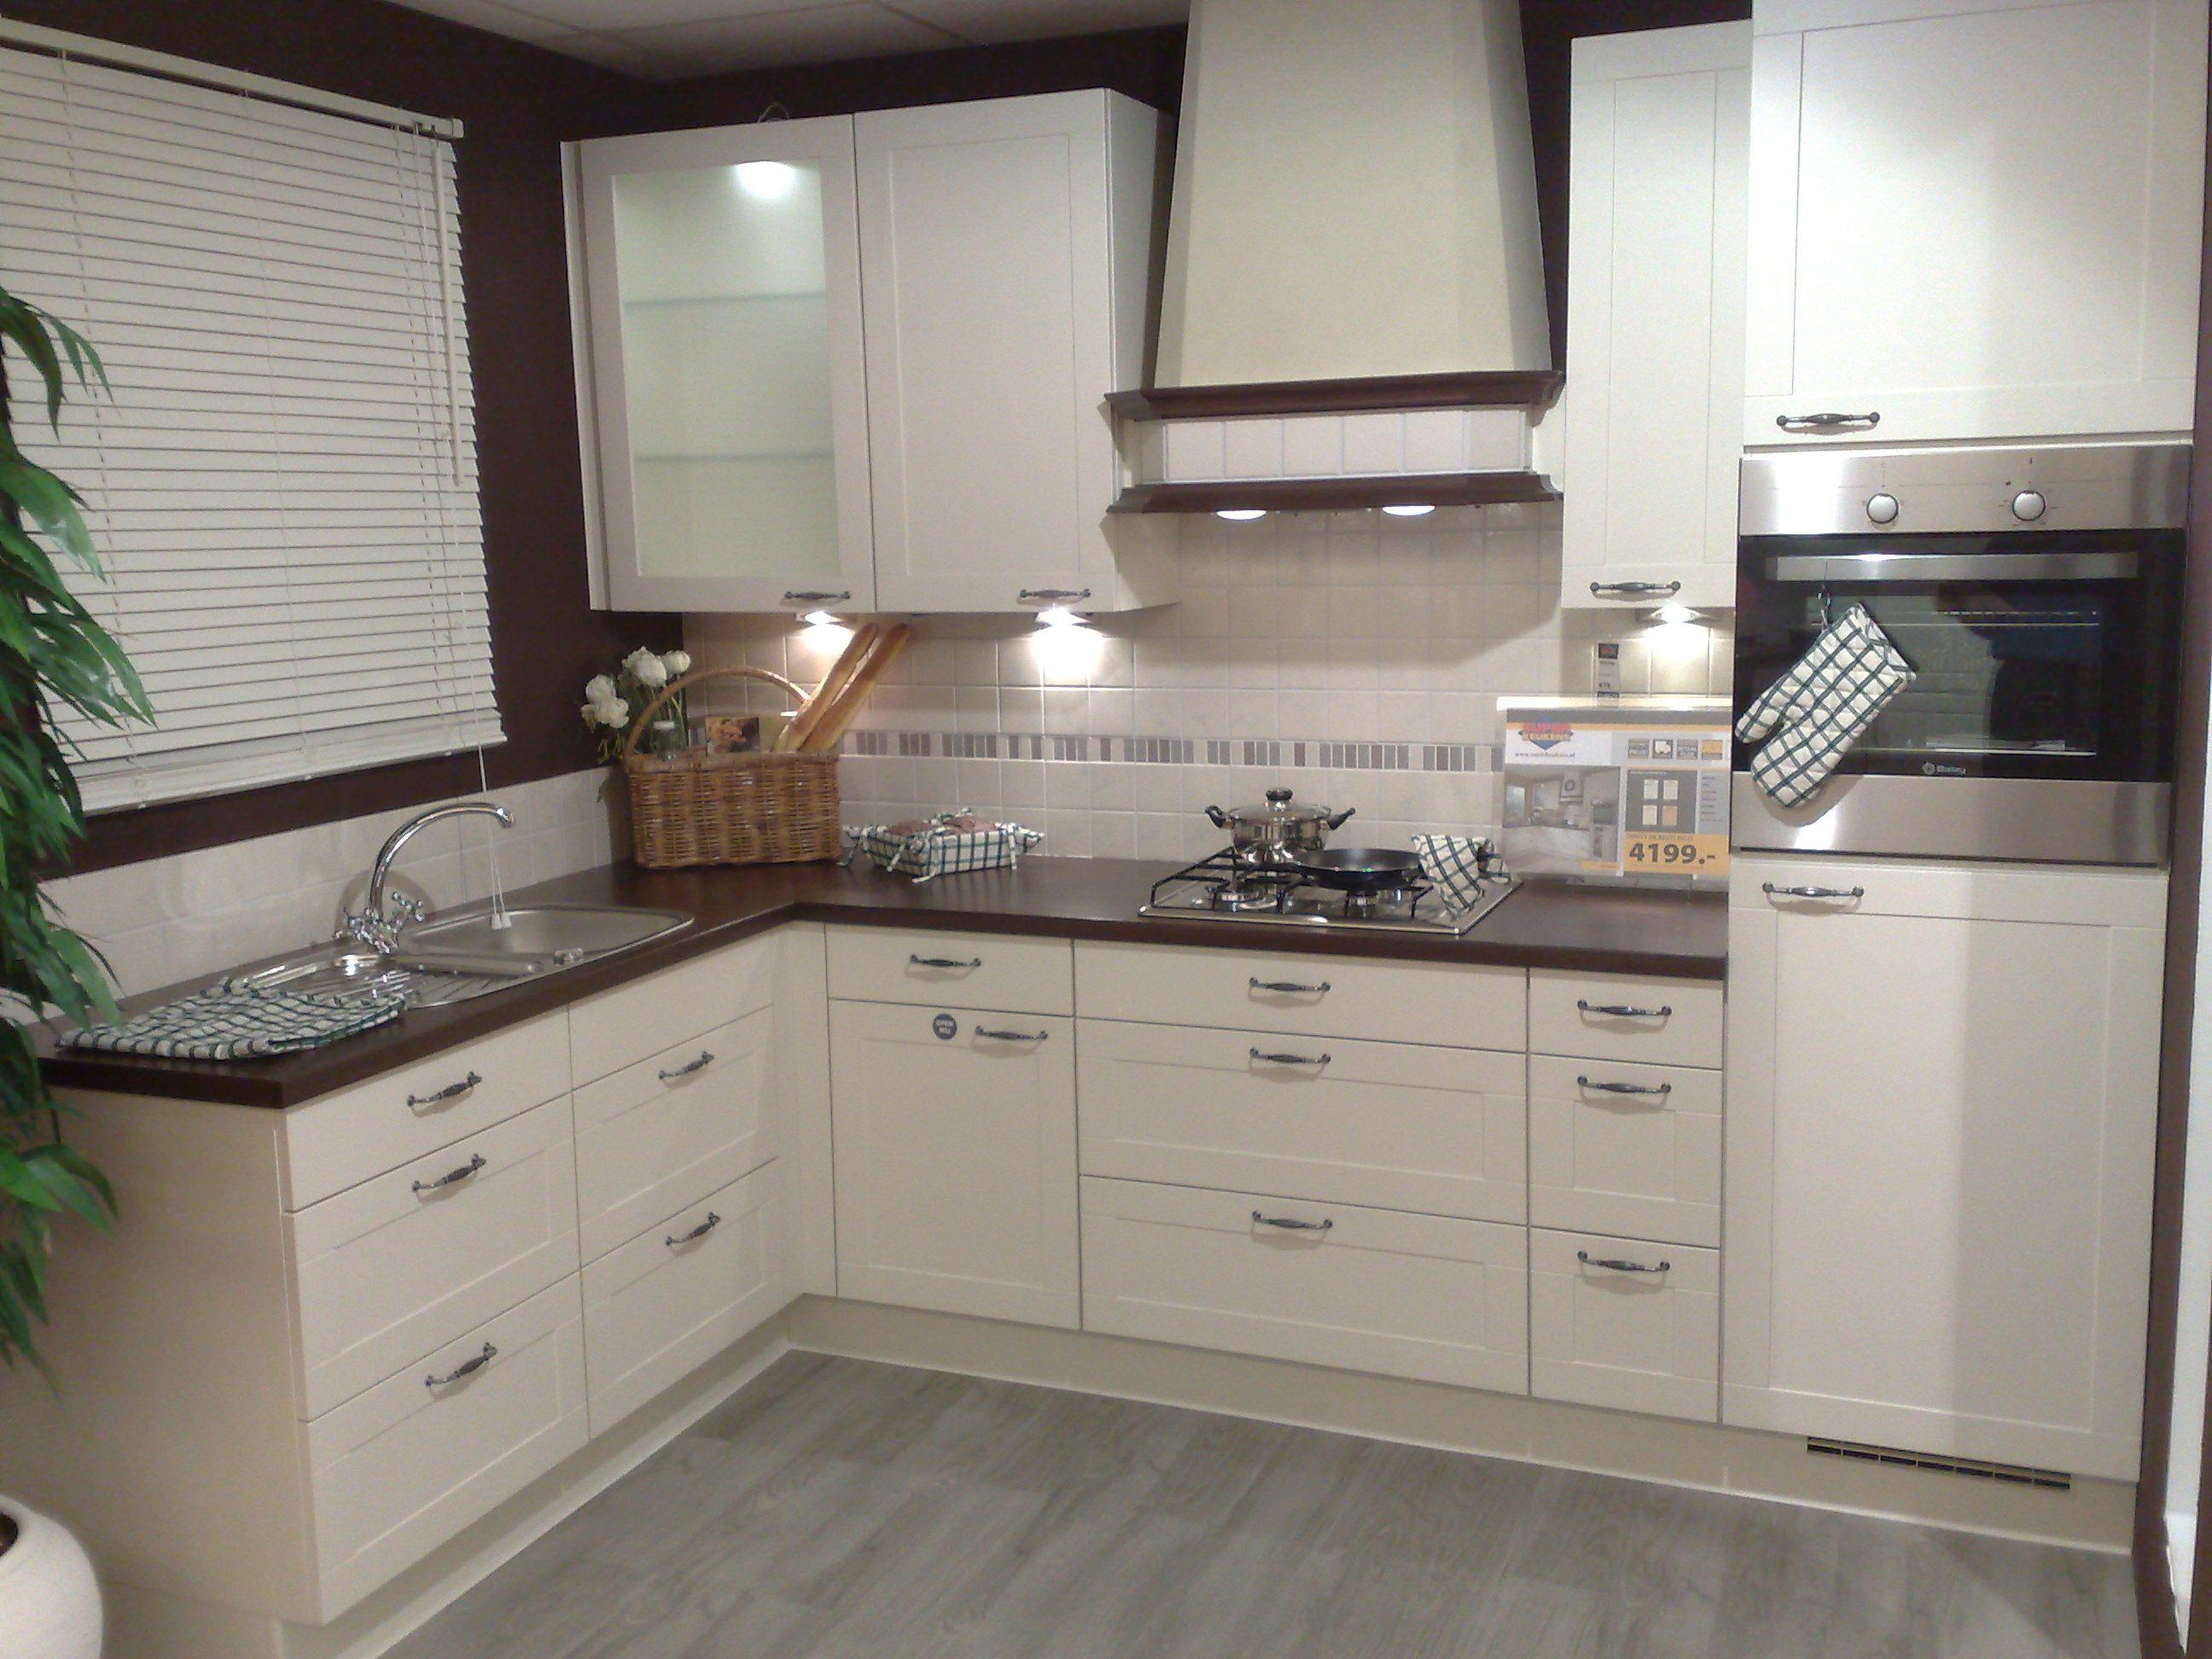 Design Keukens Arnhem : ... uit Nederland keukens voor zeer lage ...